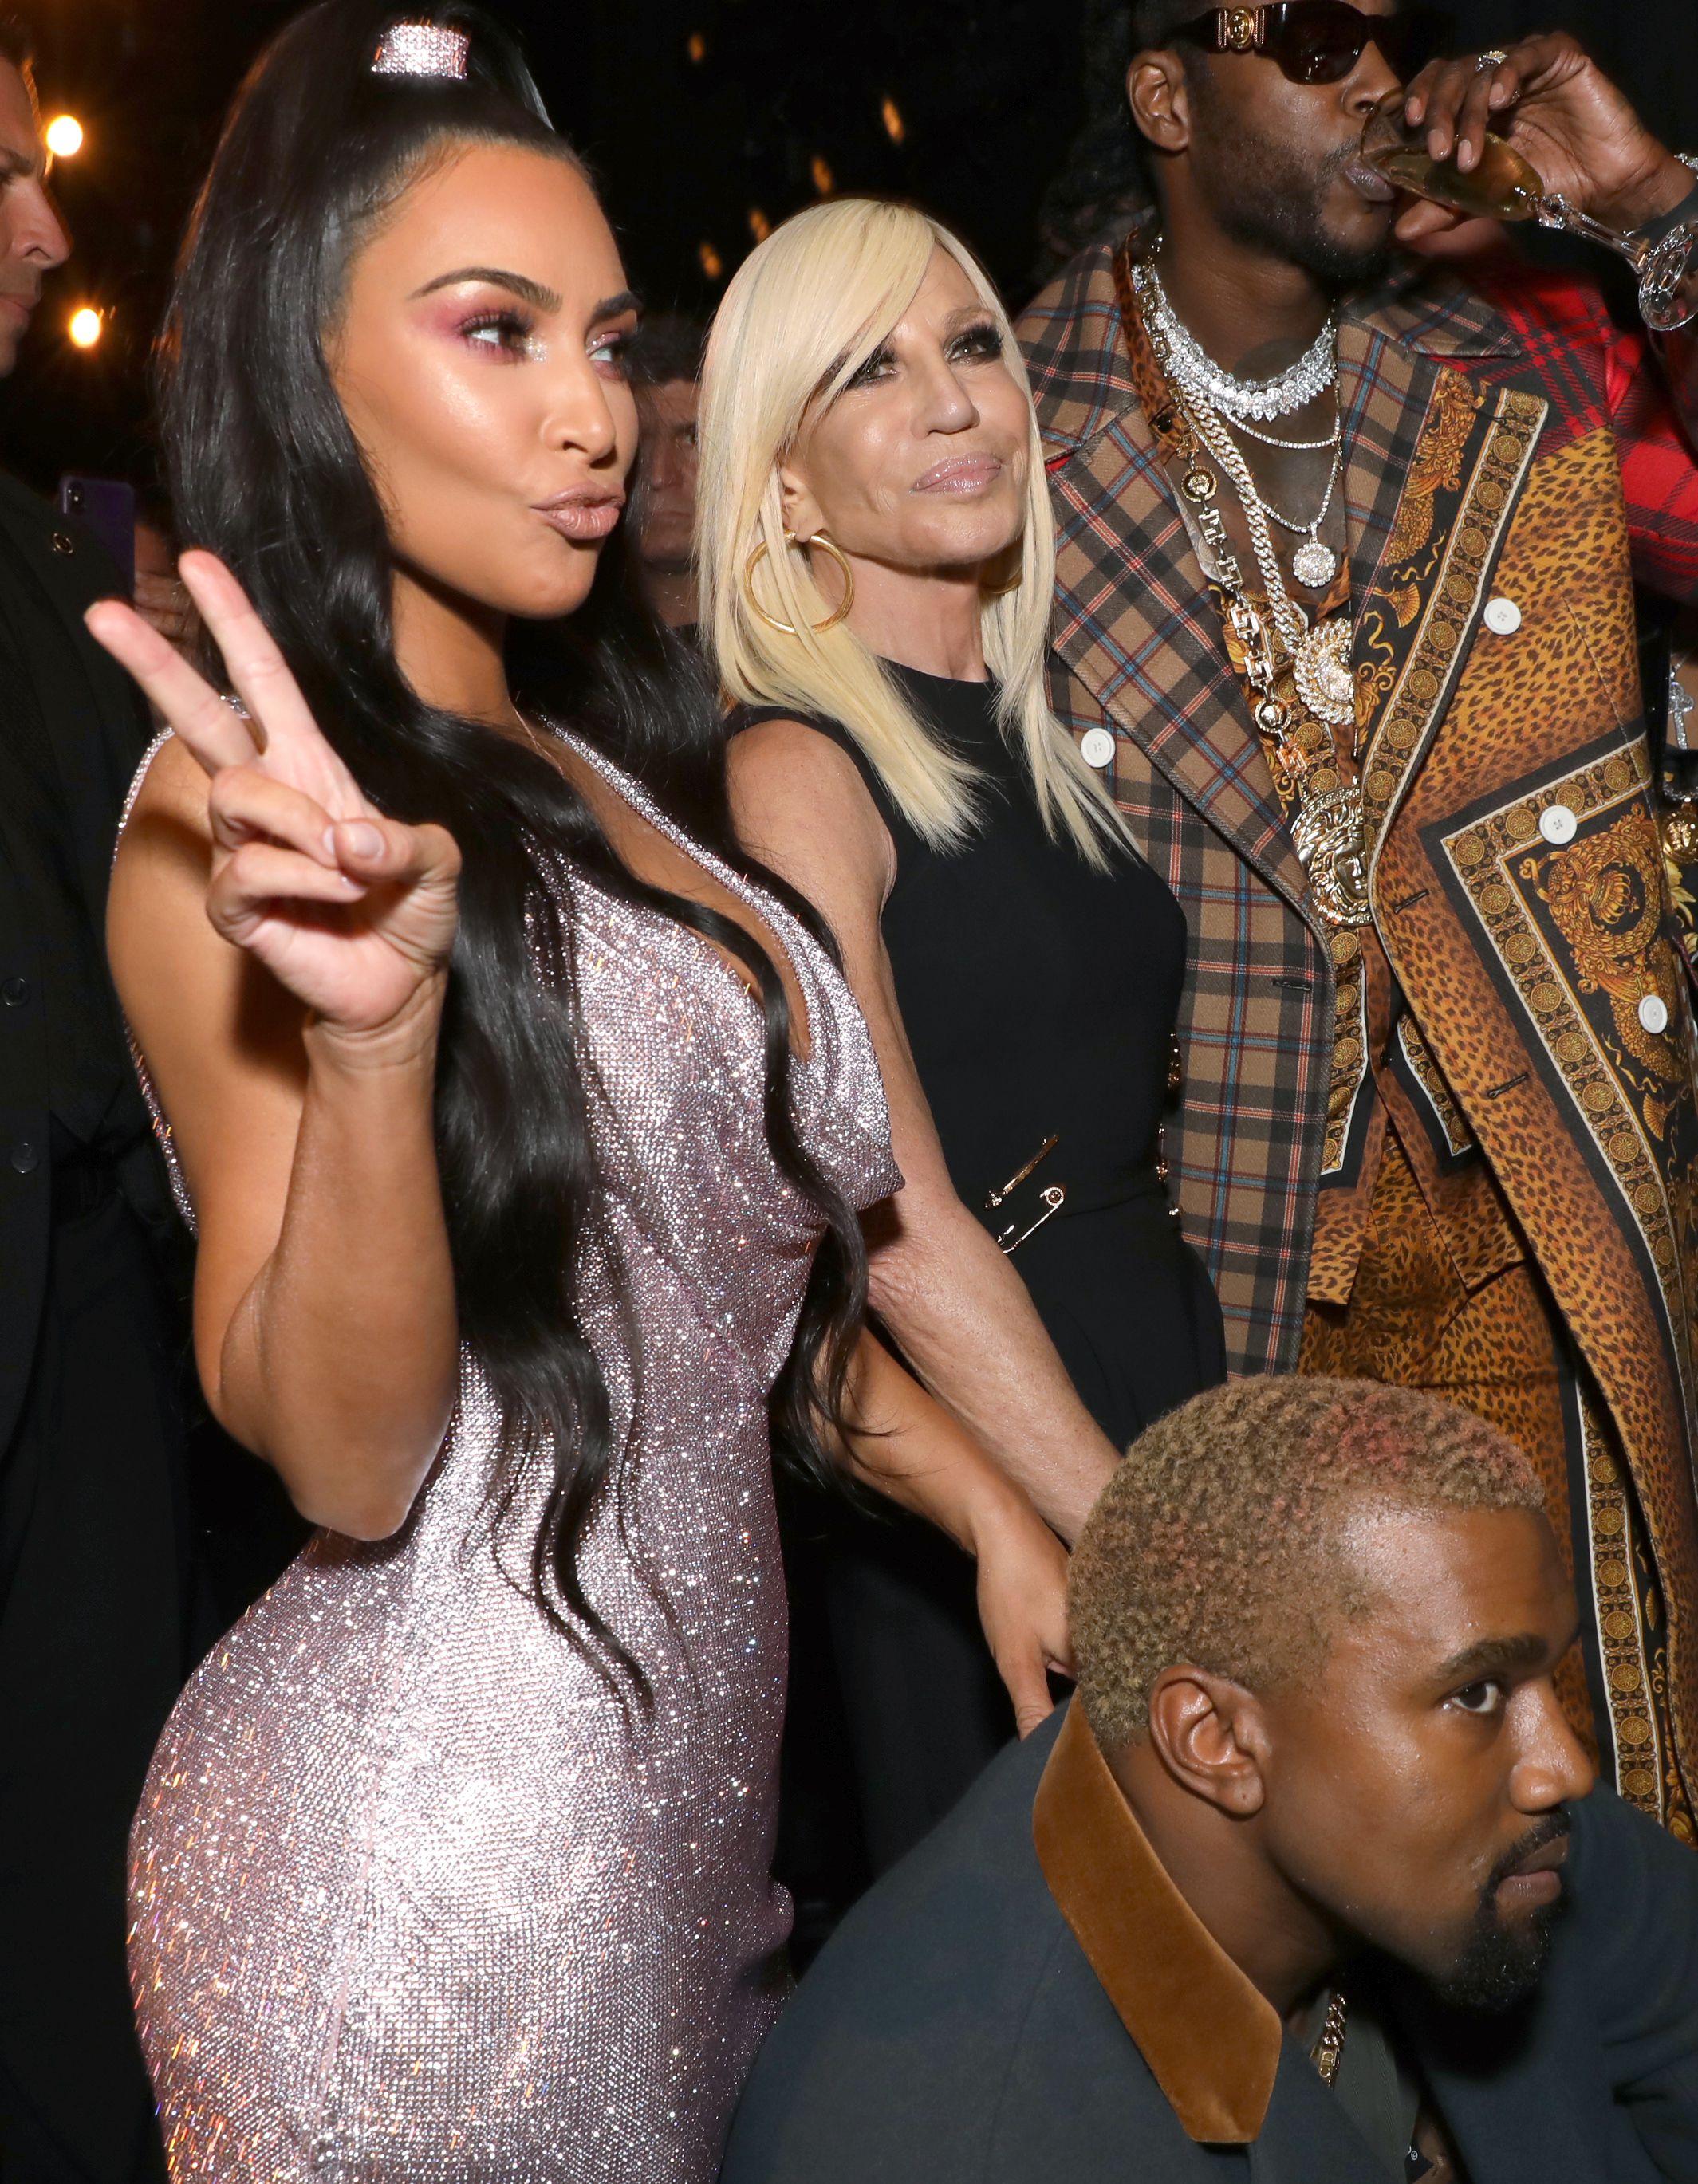 Hai vợ chồng và rapper 2 Chainz chụp hình cùng NTK Donatella Versace.